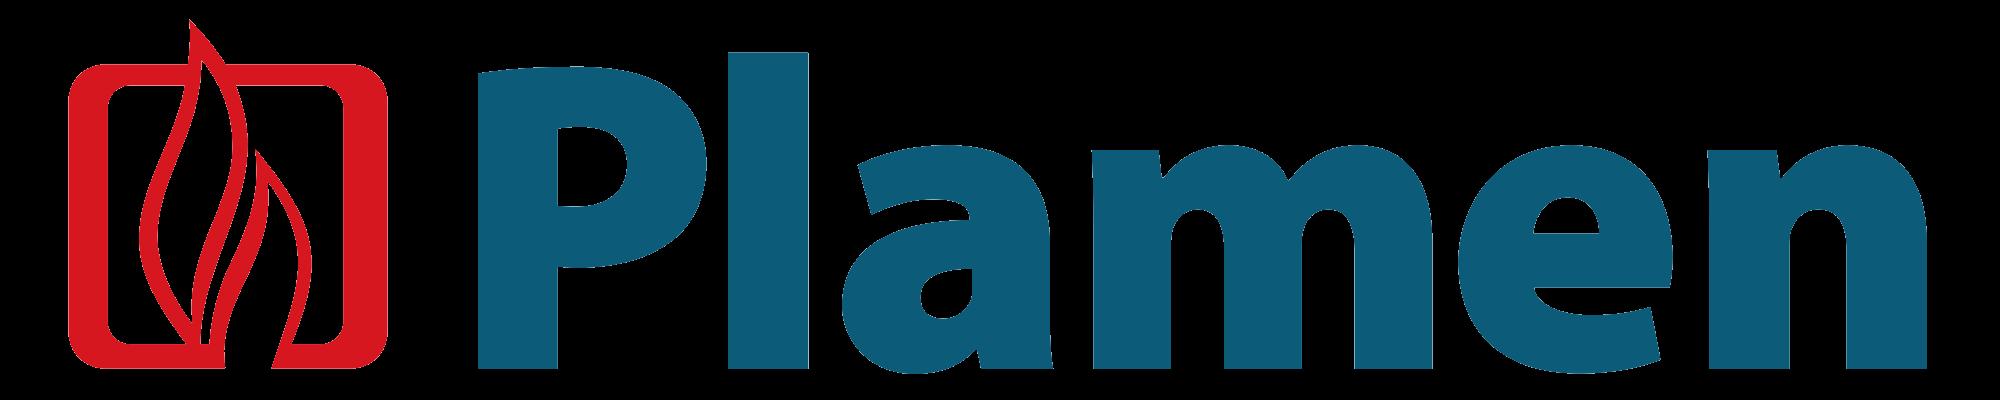 Plamen Požega logo